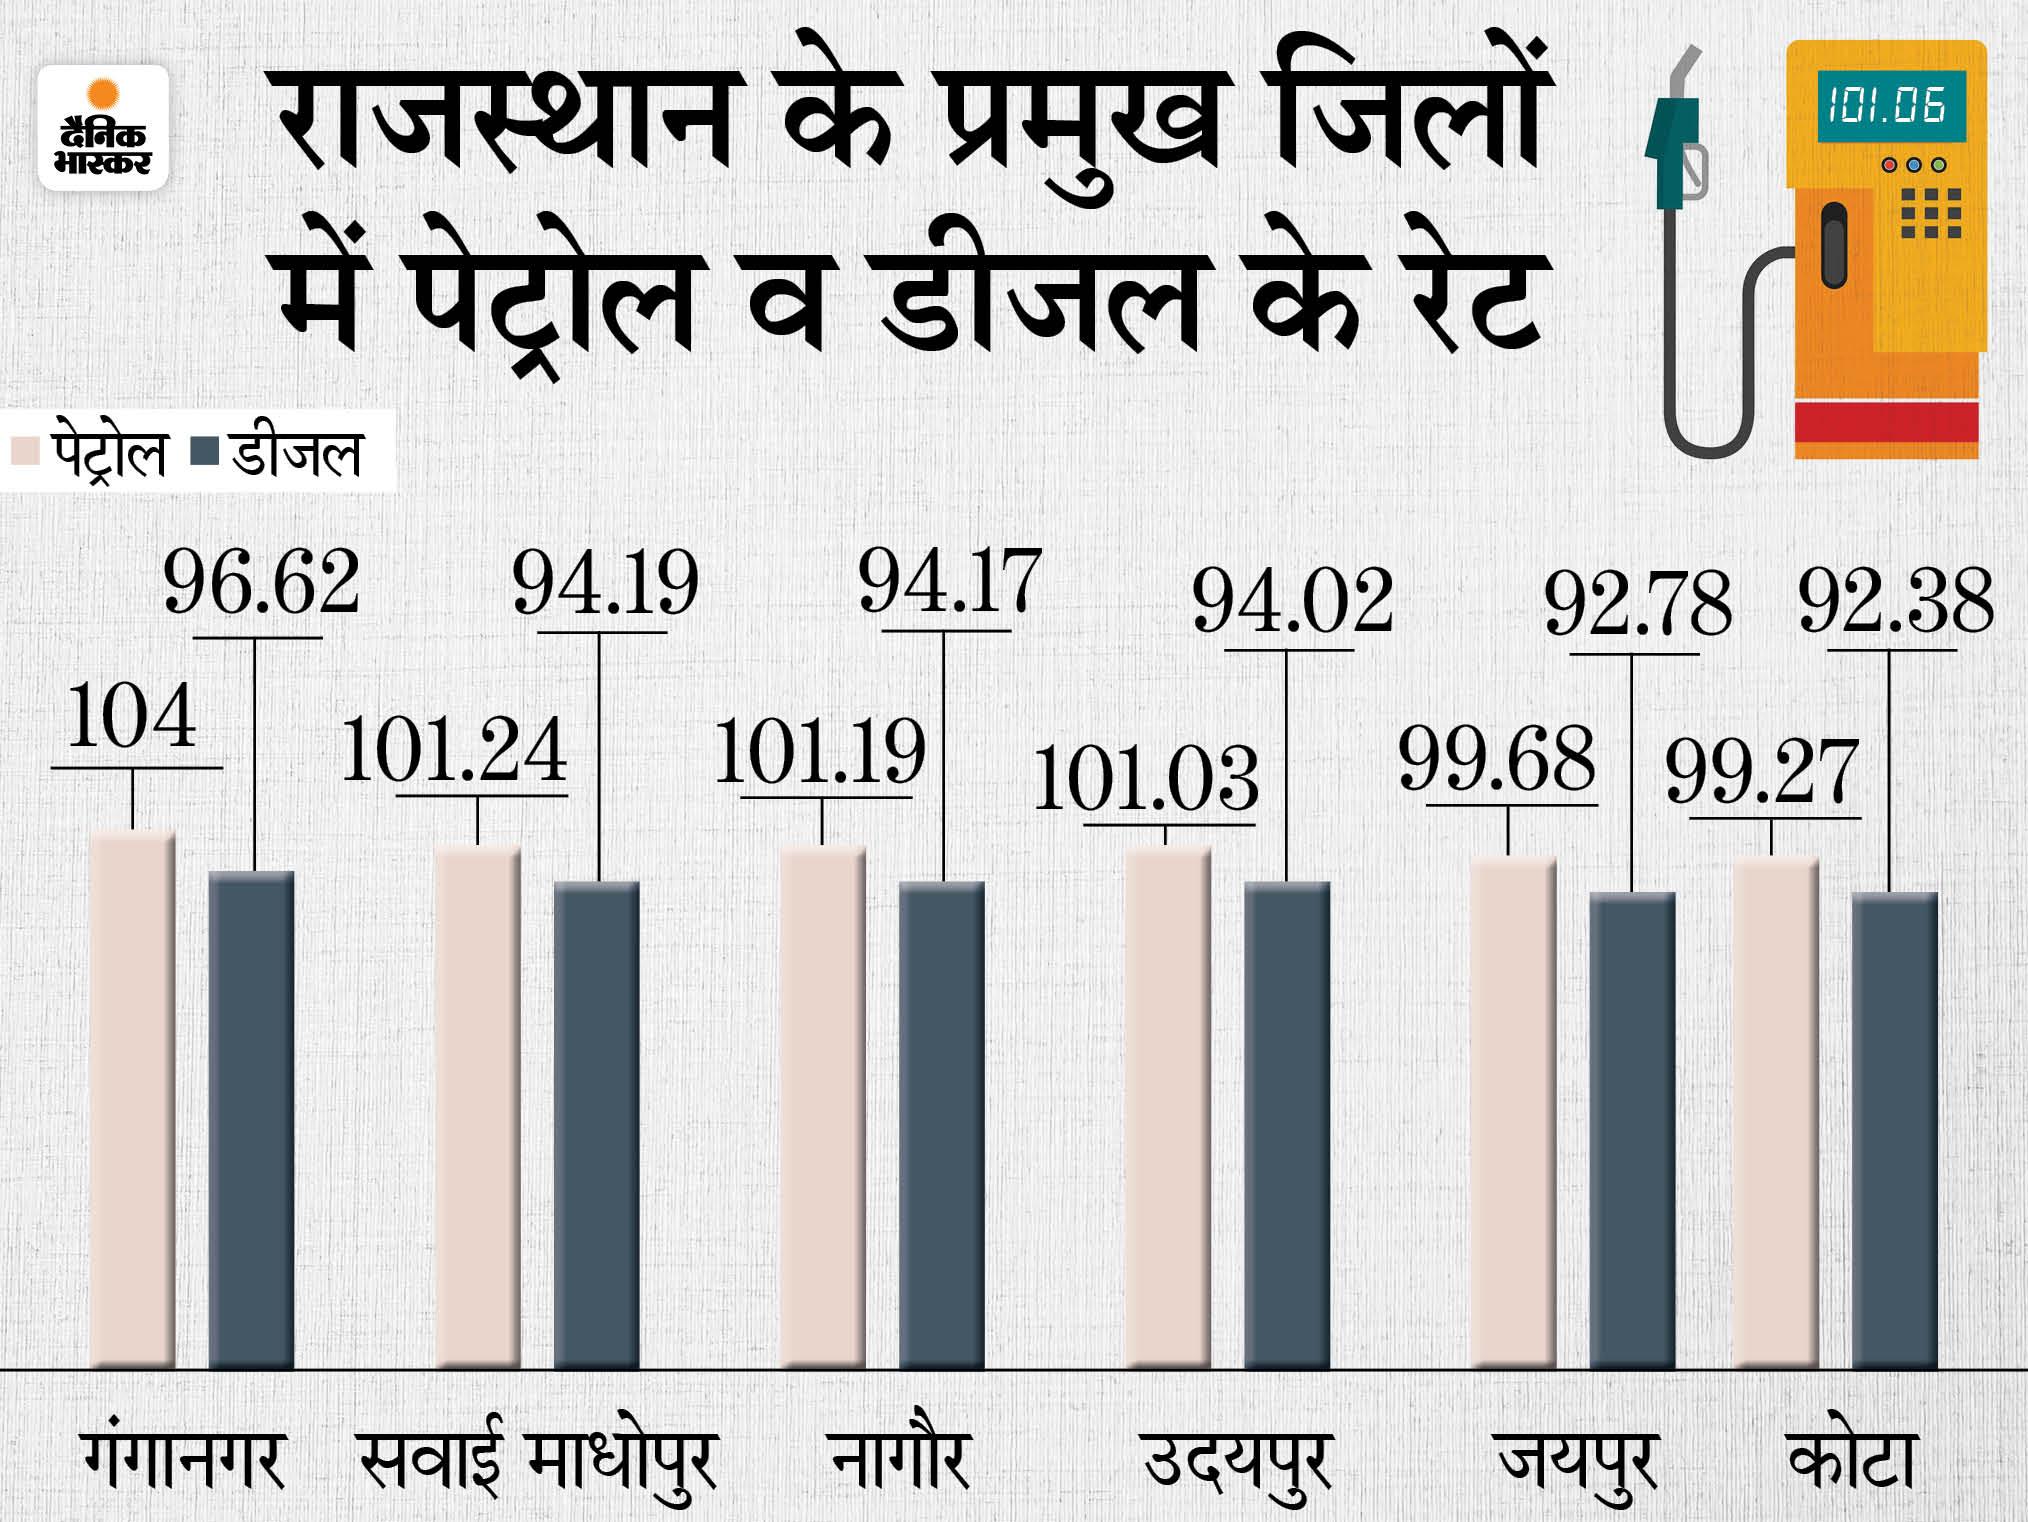 चुनाव परिणाम के बाद 20 दिन में 12वीं बार बढ़े रेट; जयपुर में 99.68 रुपए पहुंचा पेट्रोल, श्रीगंगानगर में सबसे ज्यादा महंगा|राजस्थान,Rajasthan - Dainik Bhaskar